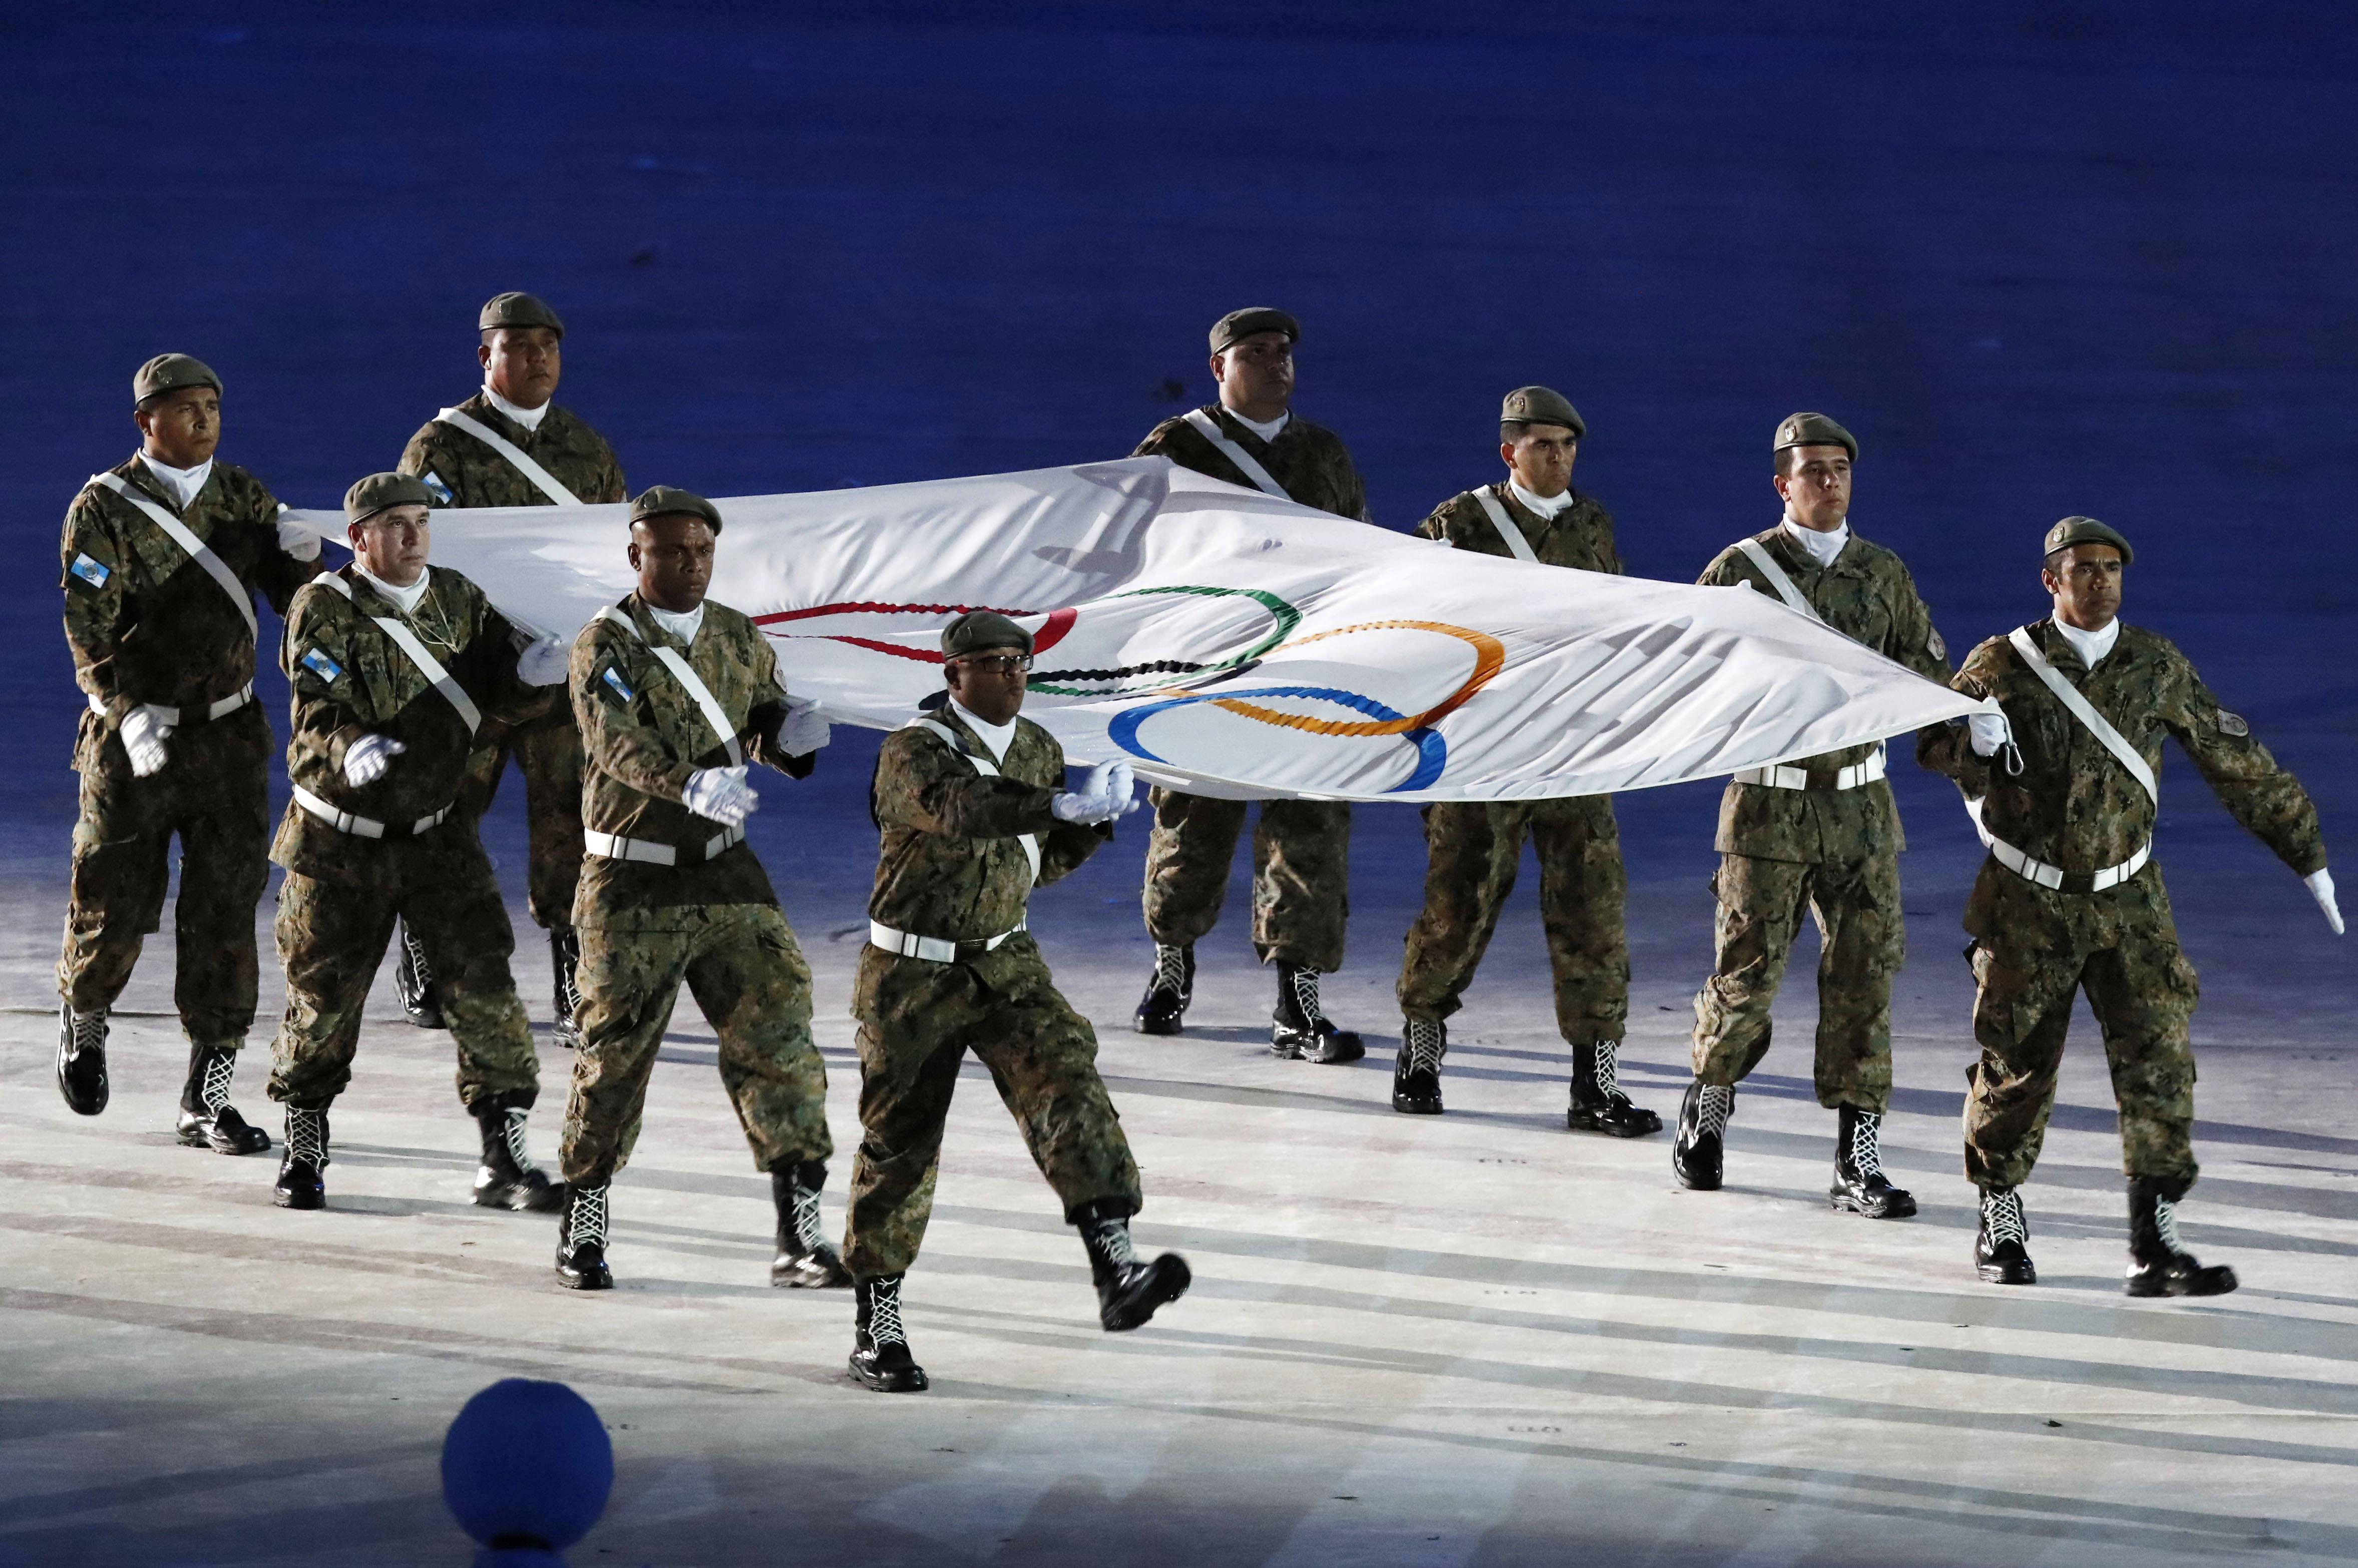 (160821) -- RIO DE JANEIRO, agosto 21, 2016 (Xinhua) -- Soldados cargan la bandera olímpica durante la ceremonia de clausura de los Juegos Olímpicos de Río de Janeiro 2016, en el Estadio Maracaná, en Río de Janeiro, Brasil, el 21 de agosto de 2016. (Xinhua/Han Yan) (rtg) (ce)